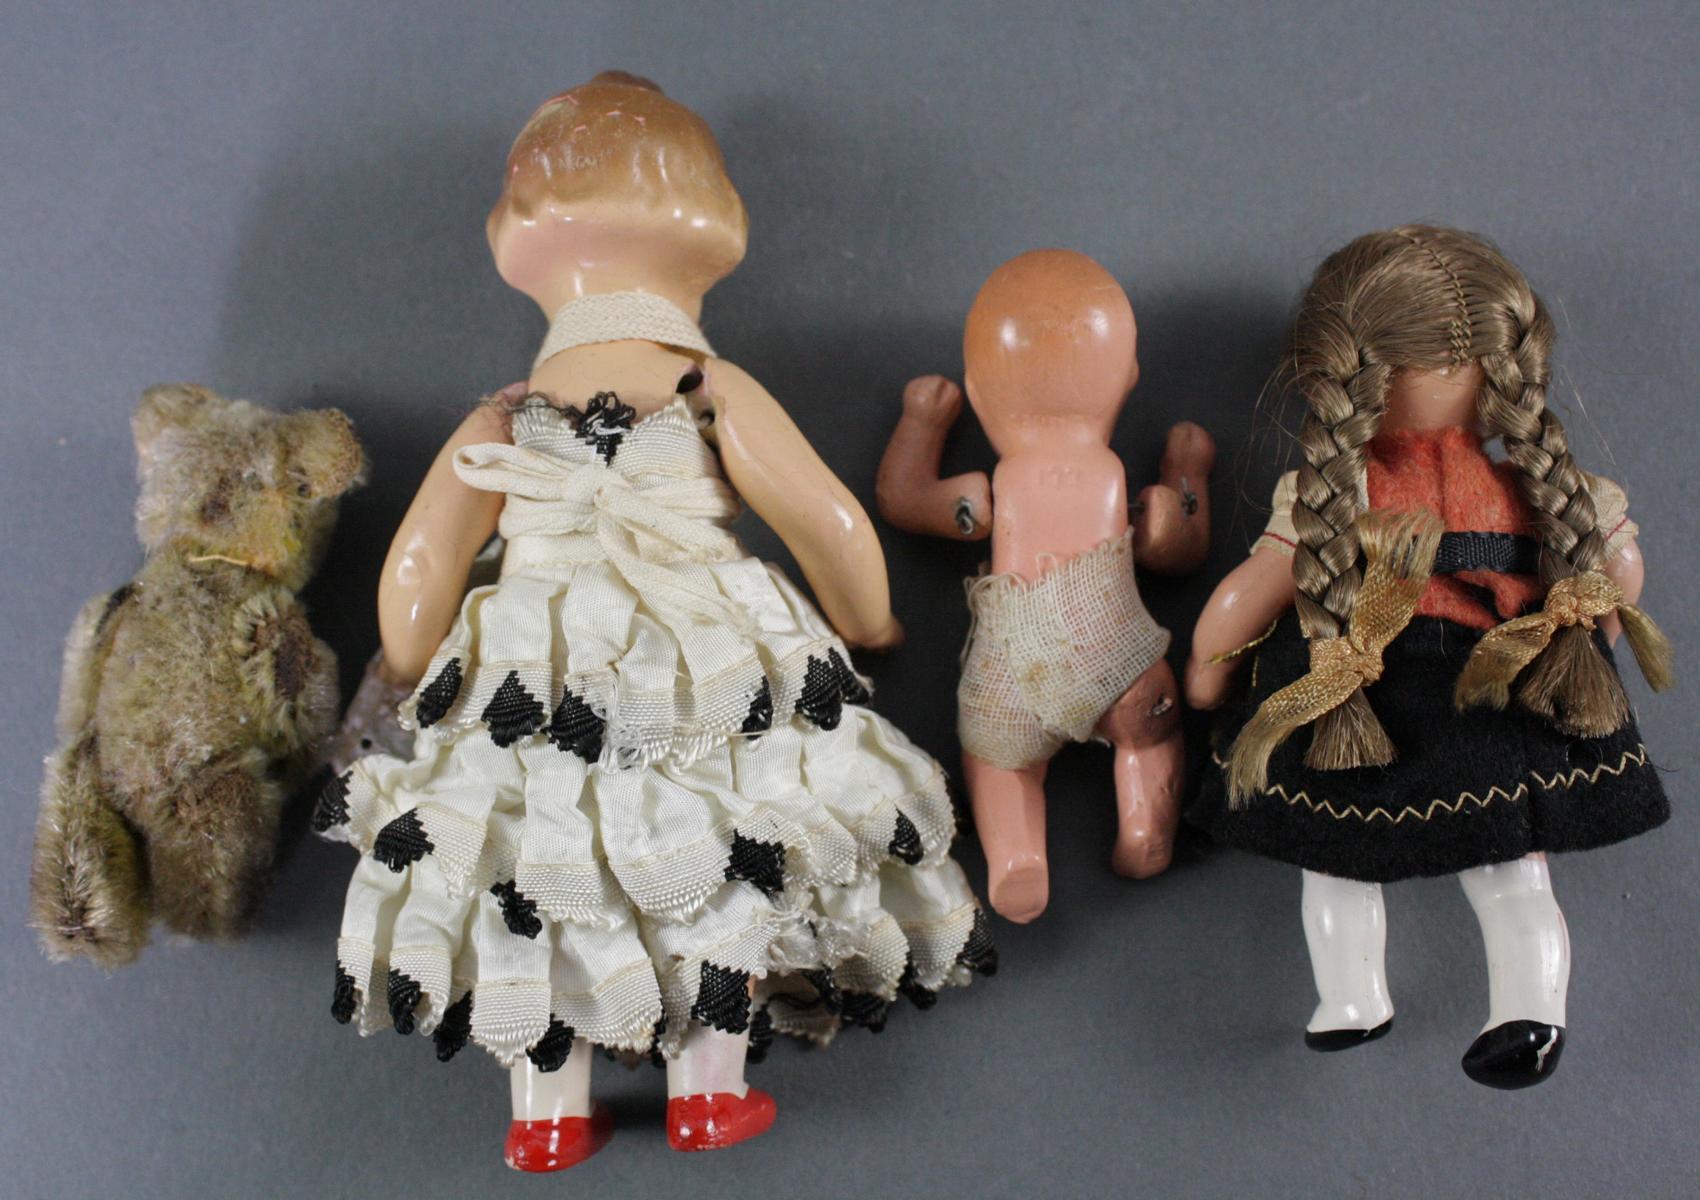 12 sehr alte Puppen, 1. Hälfte 20. Jahrhundert oder älter-7